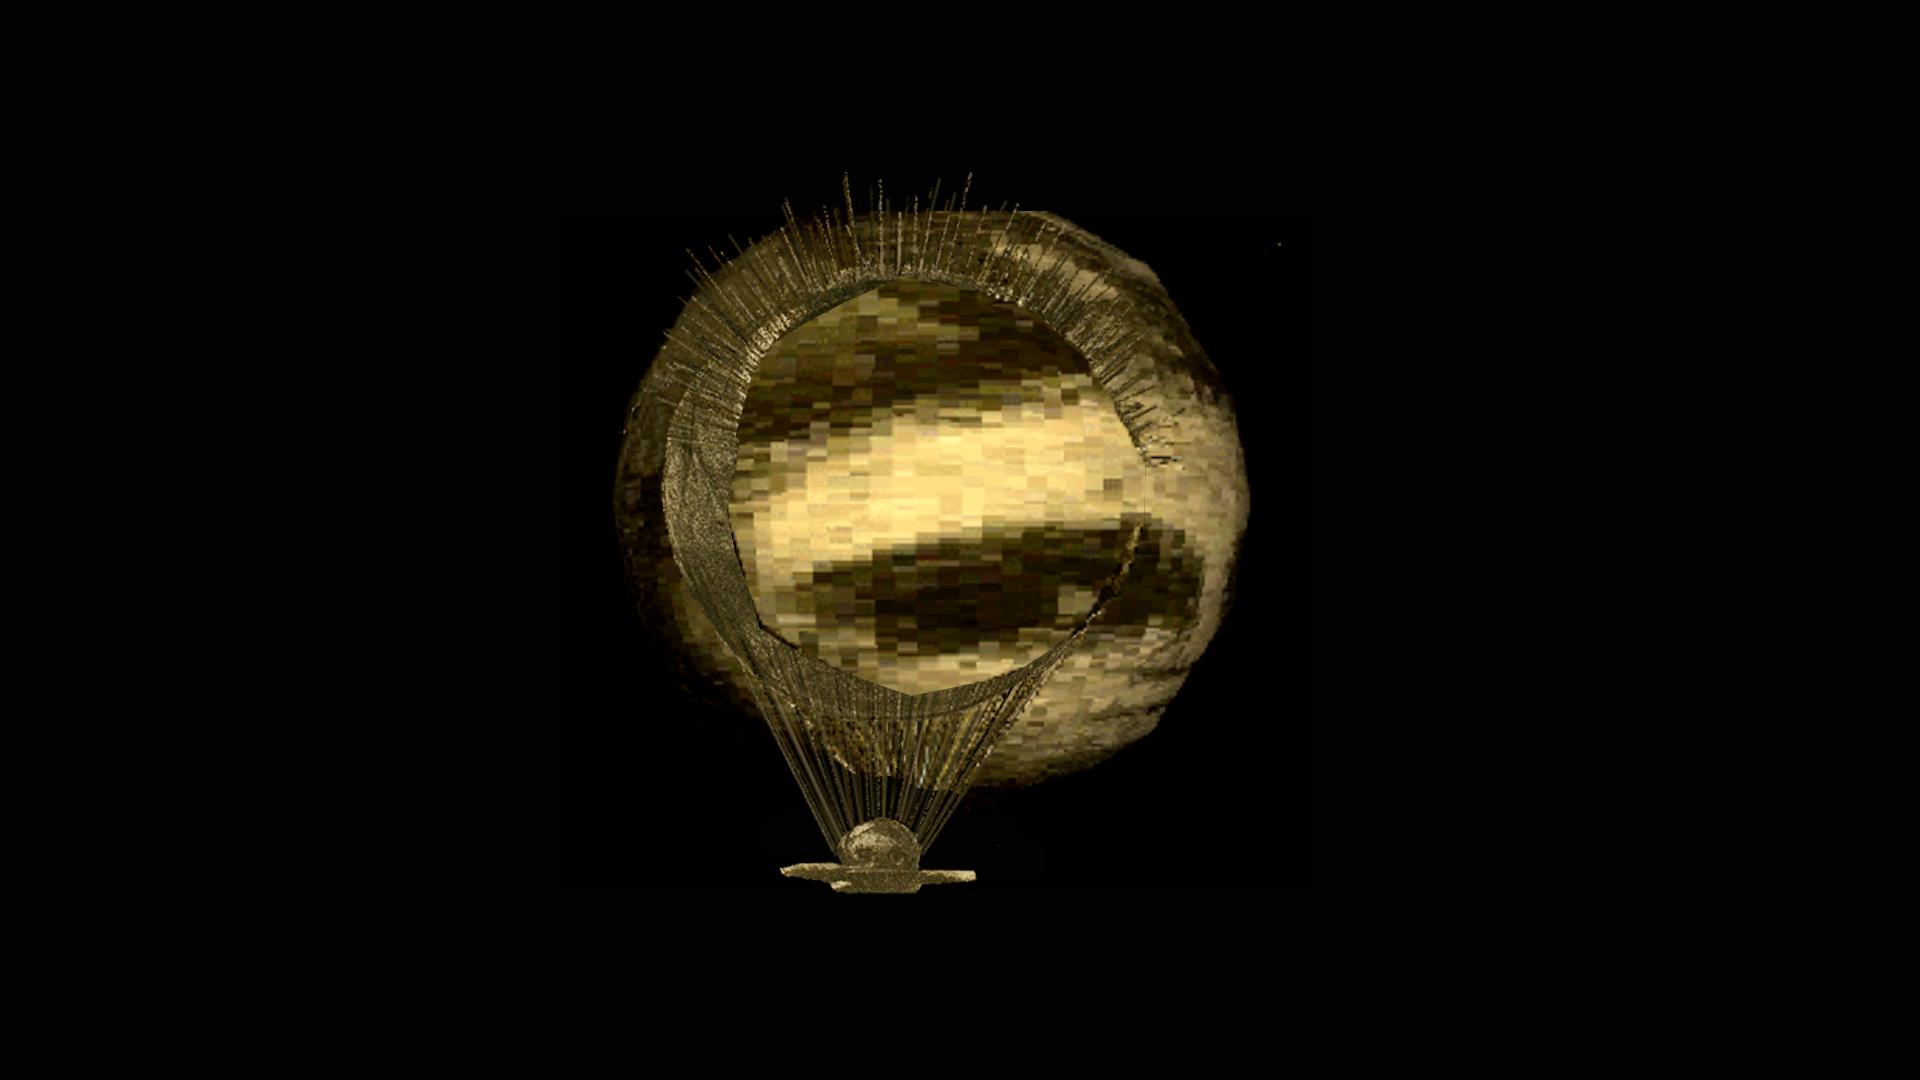 eye_ballon_vr3